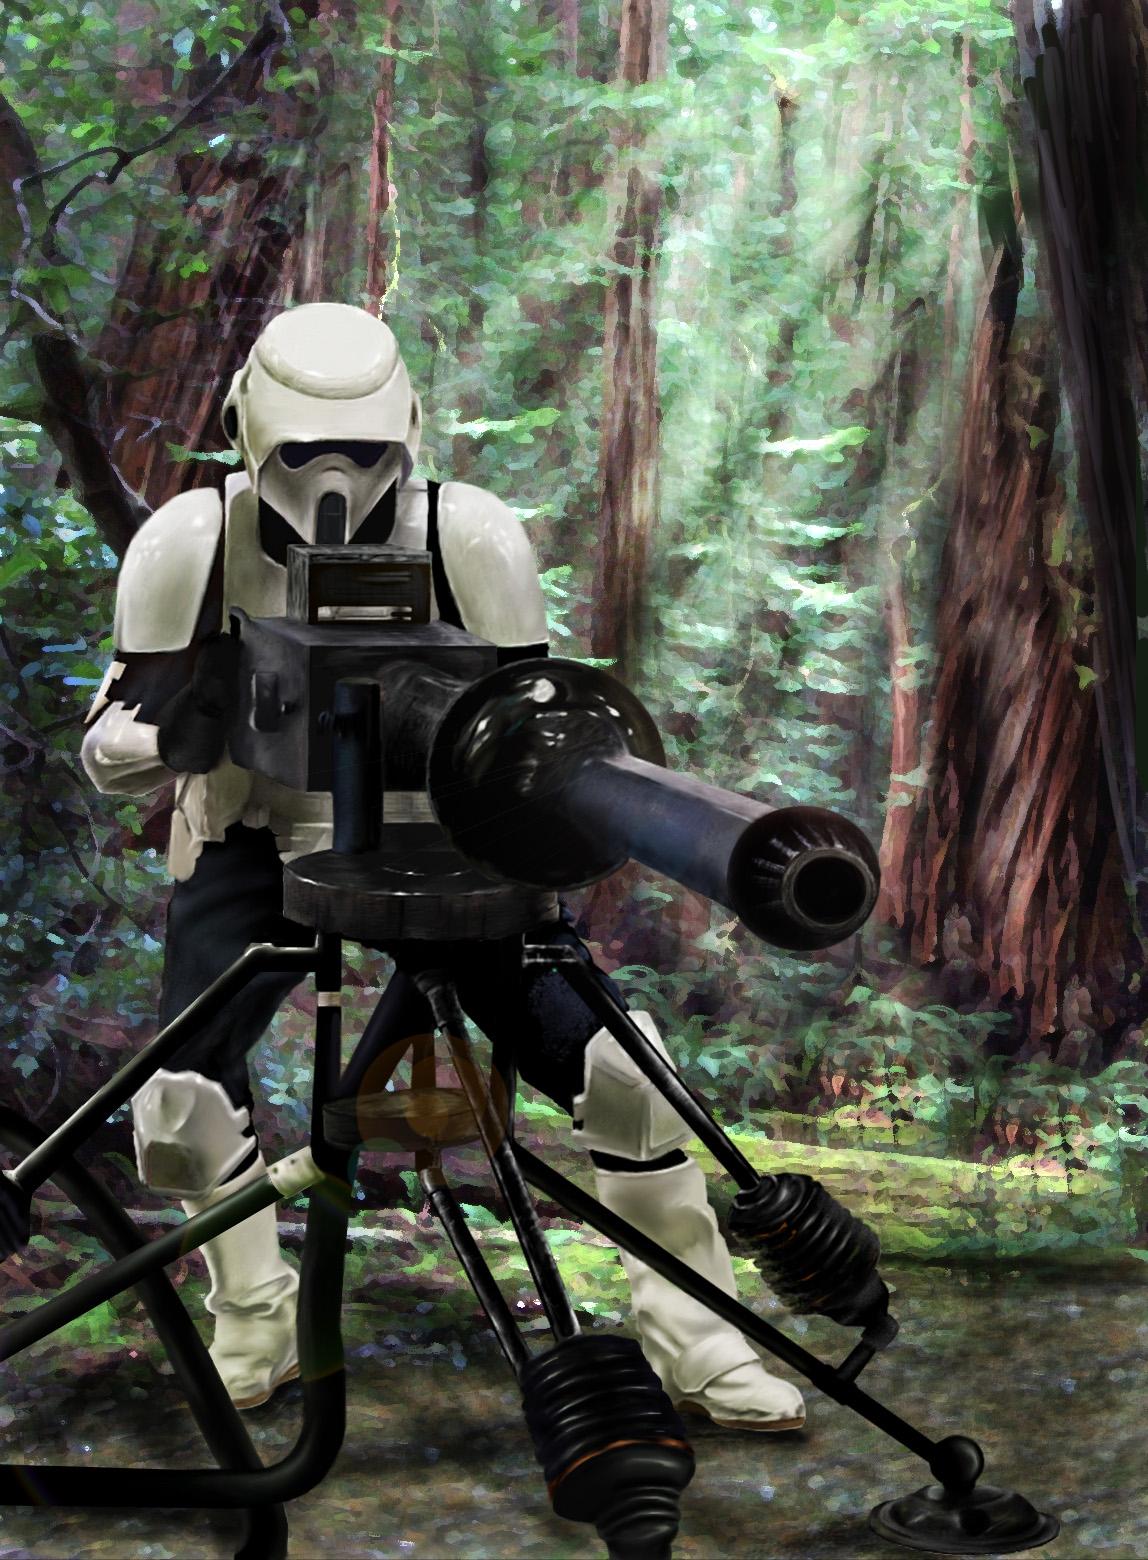 Star Wars :Scout Trooper by DookieAdz